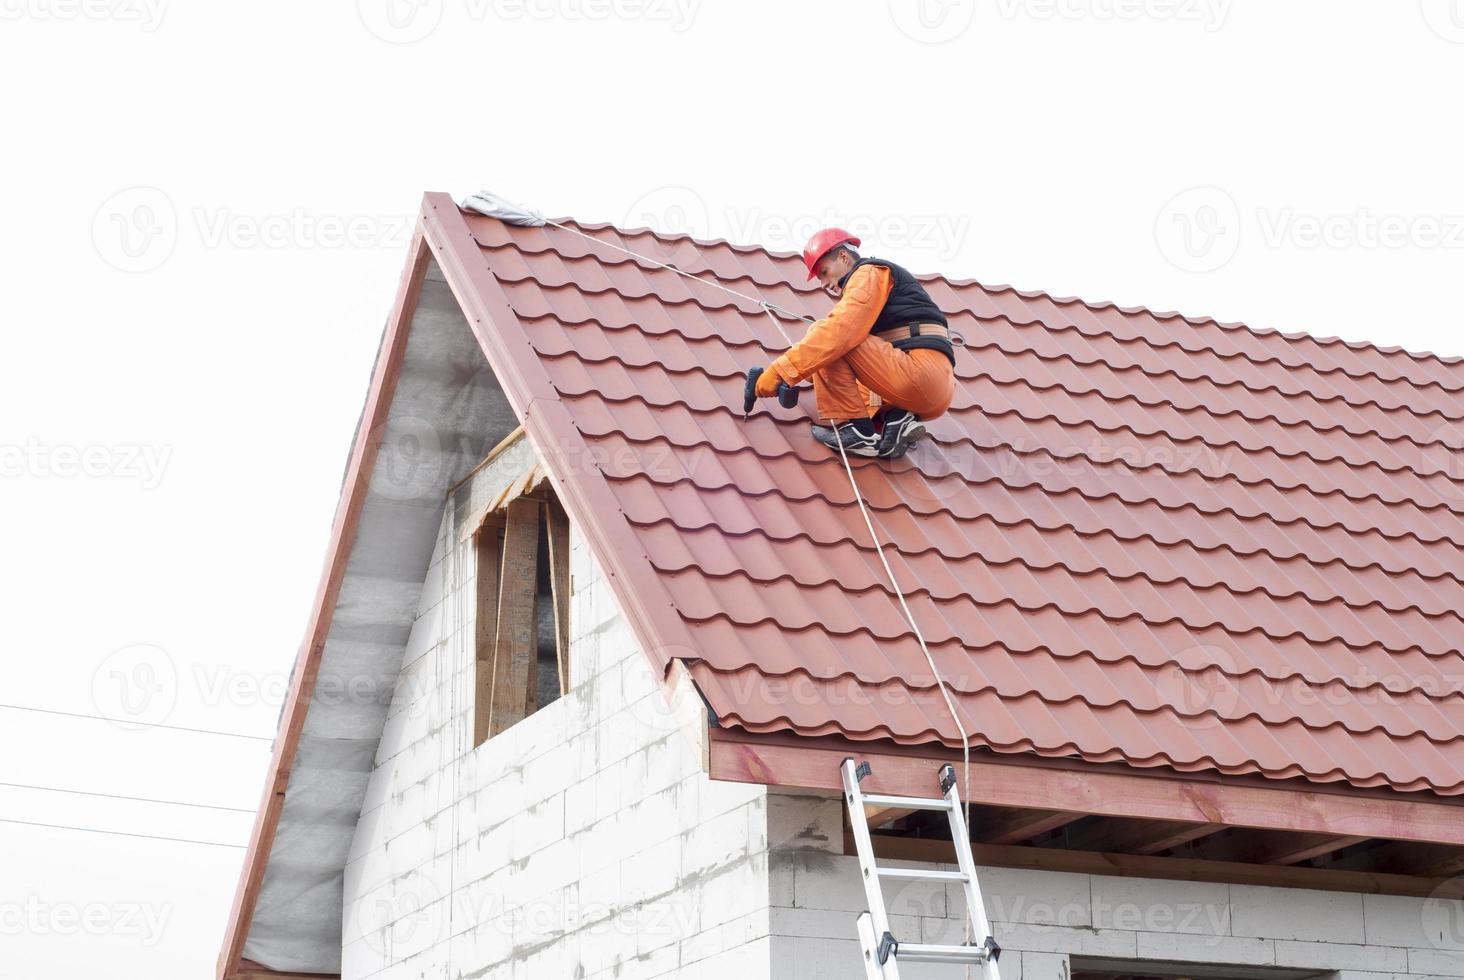 Installation eines Daches foto